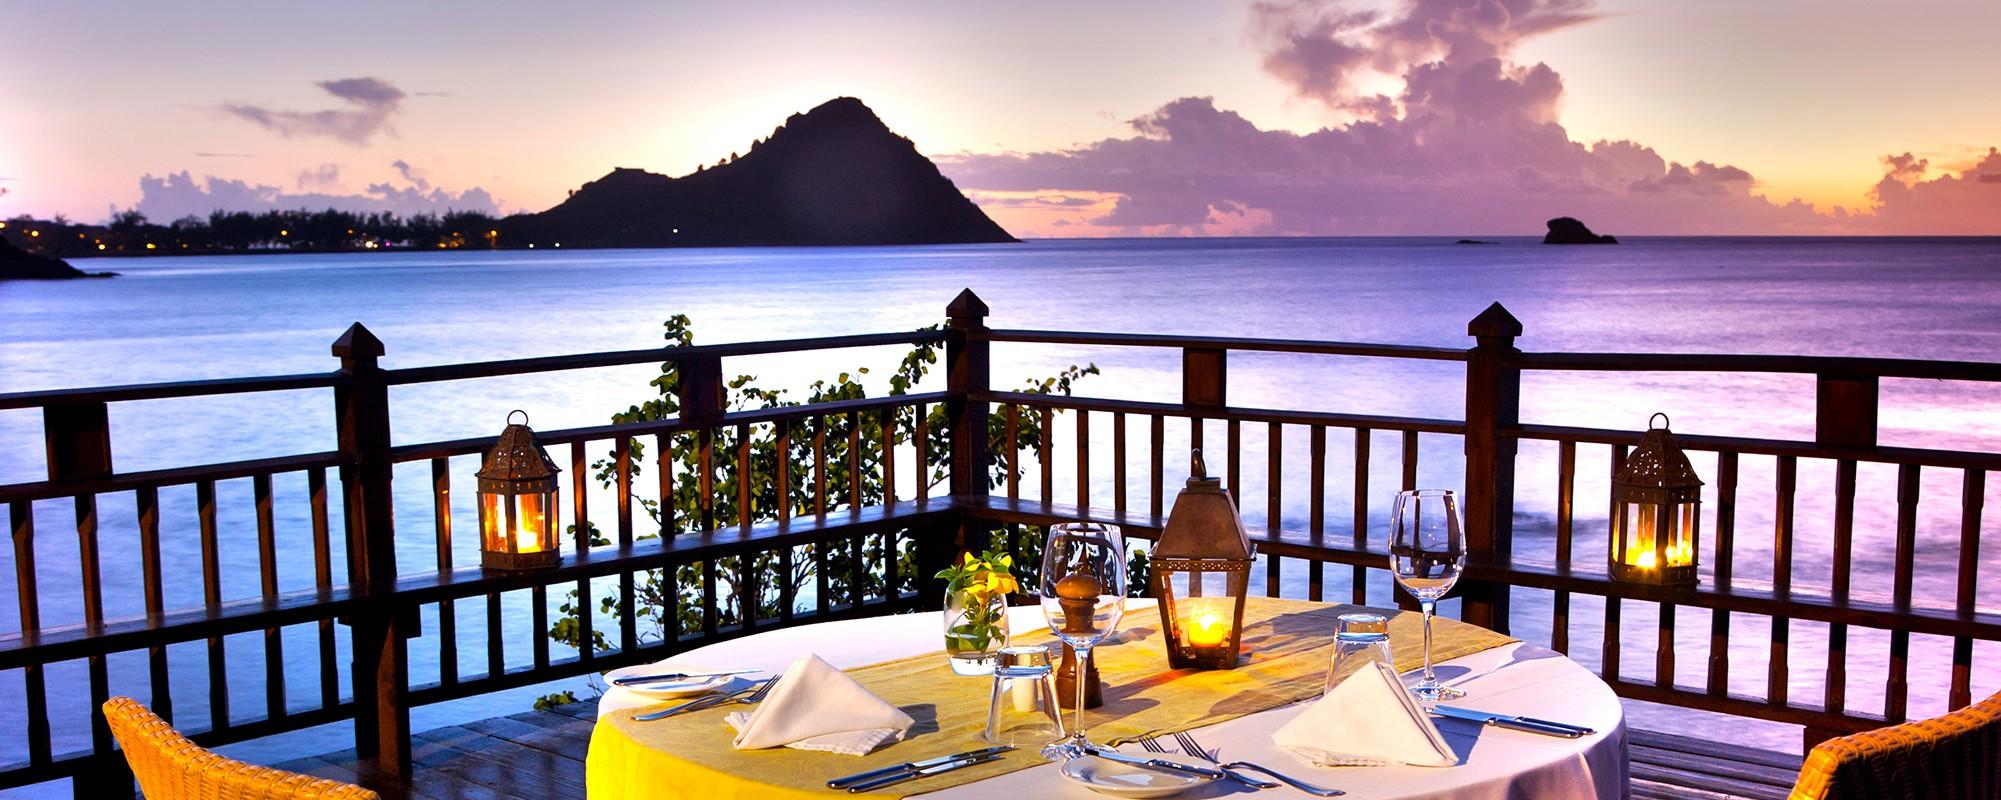 Sainte Lucie, destination honeymoon